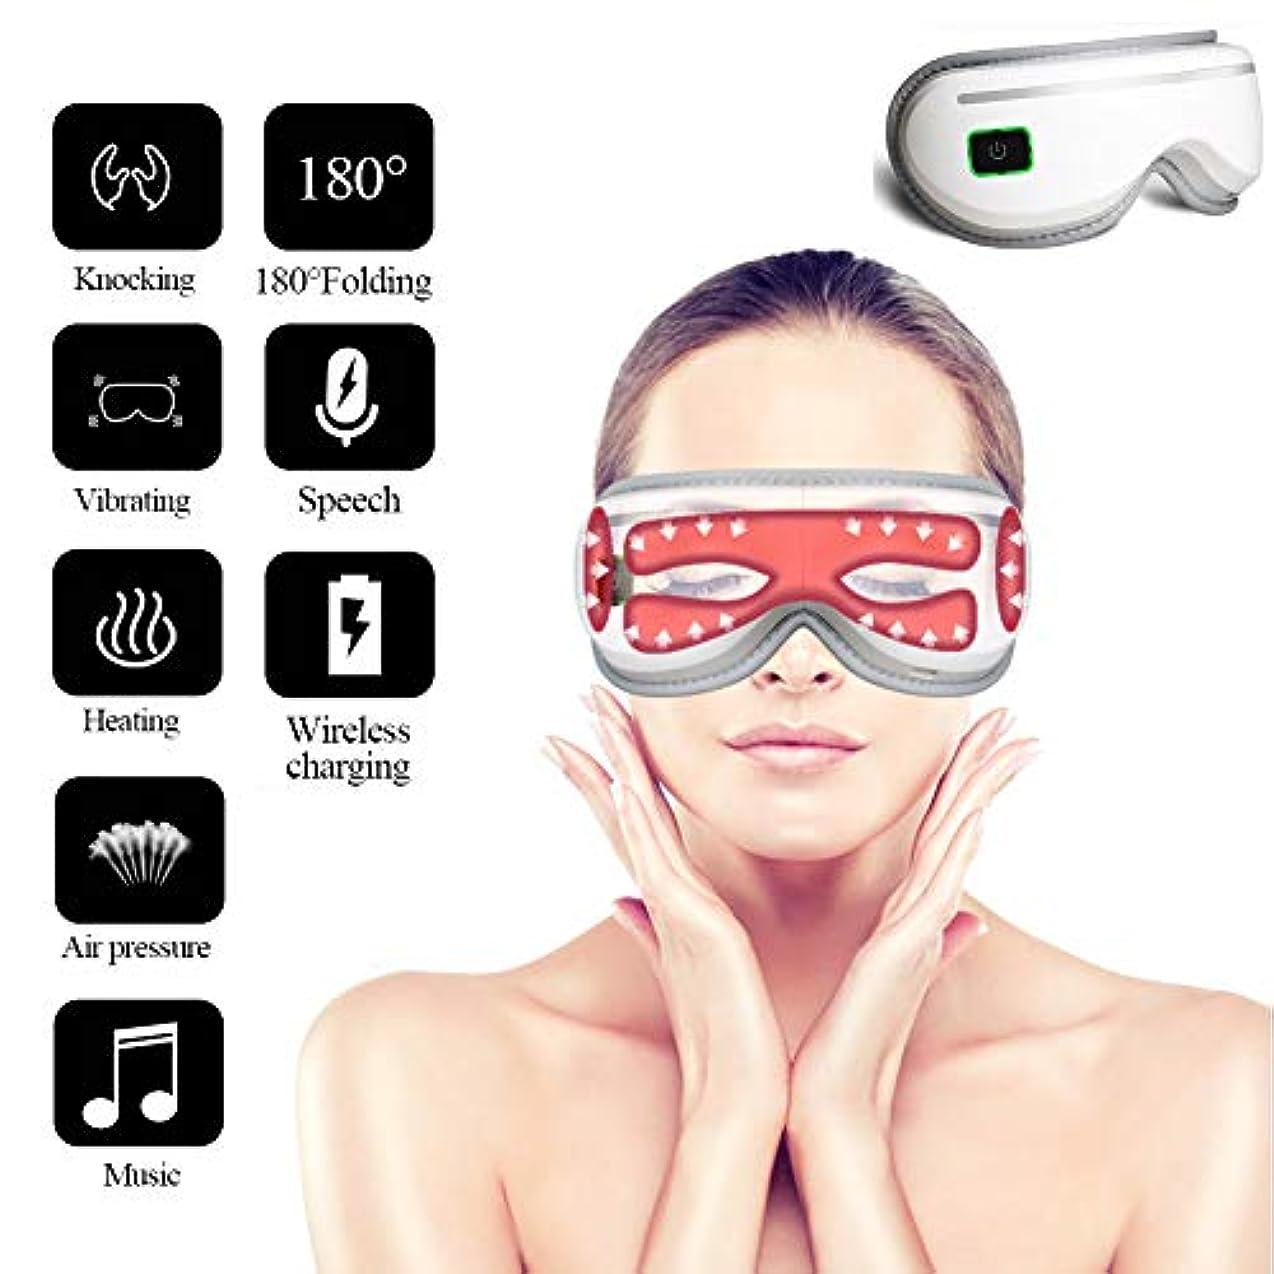 現代批判する荒らす電動アイマッサージマスク音楽頭痛ストレスリリーフ折り畳み式マシンのための3つのモードでリラックス空気圧、熱圧縮、振動マッサージ、ウォシュレットギフト